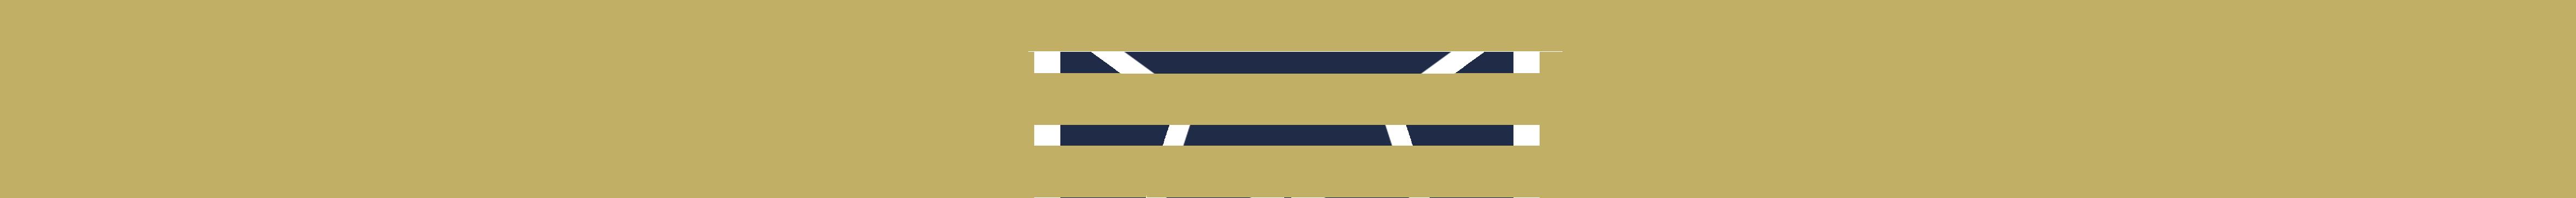 burks logo=